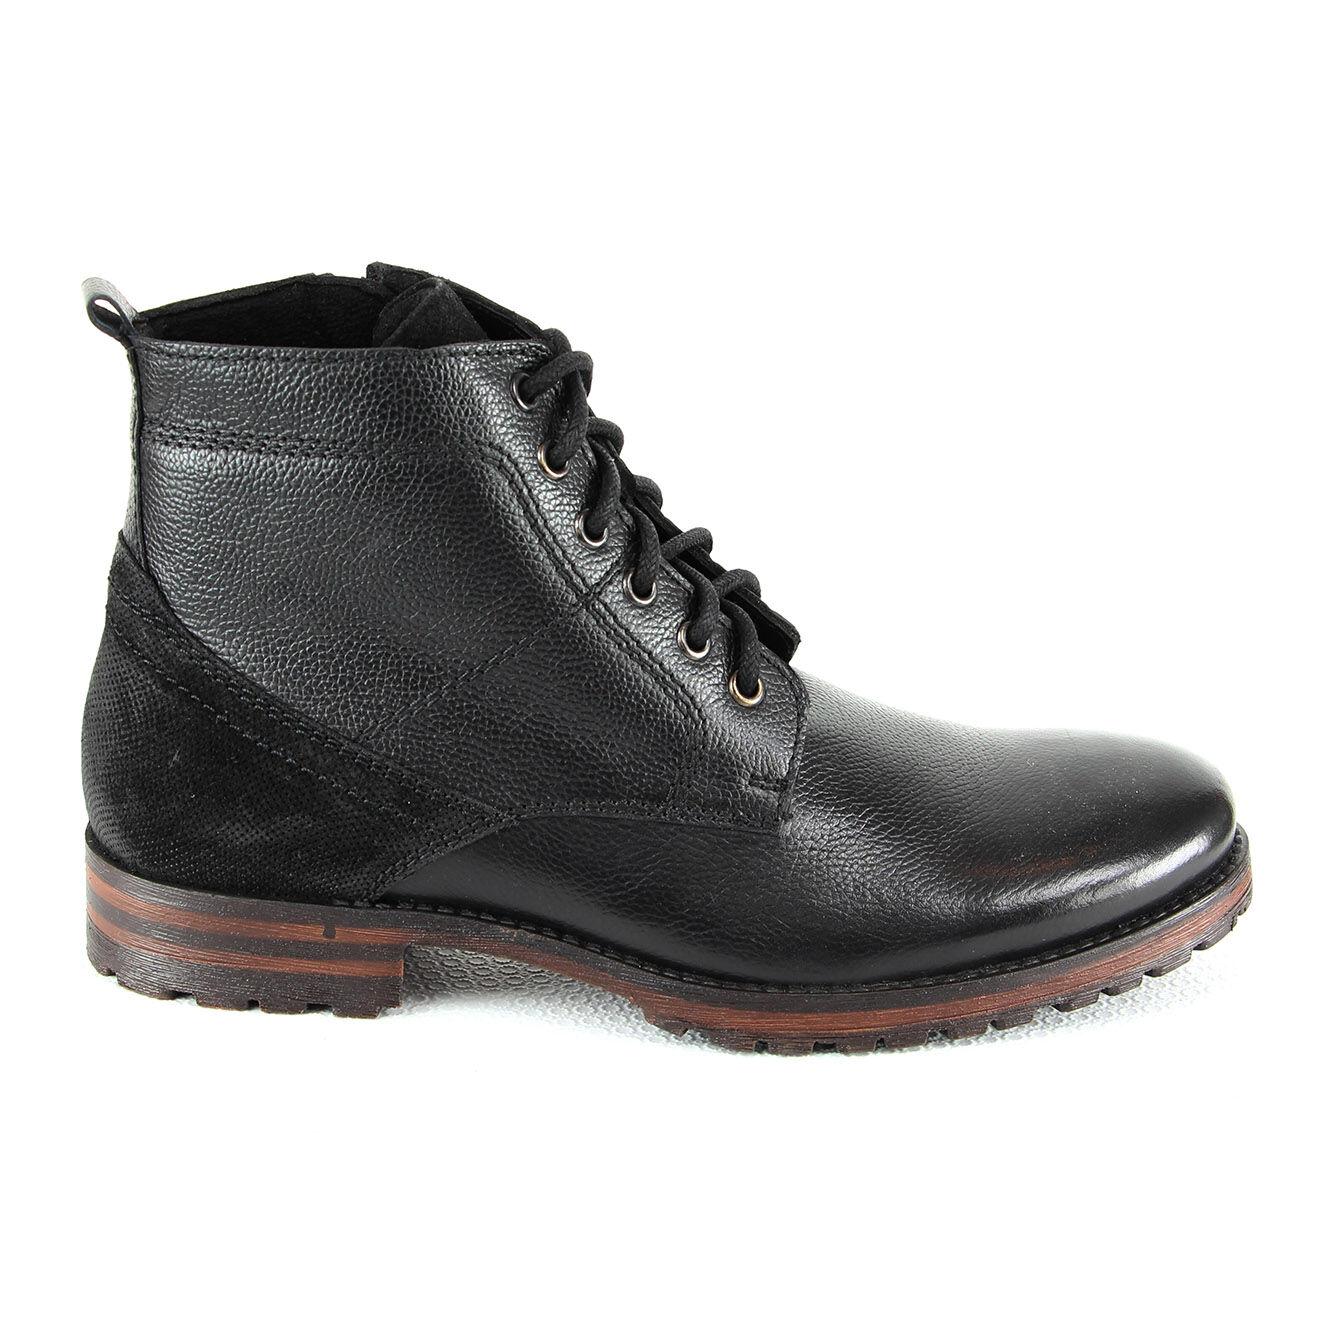 Boots en Cuir Eric noires